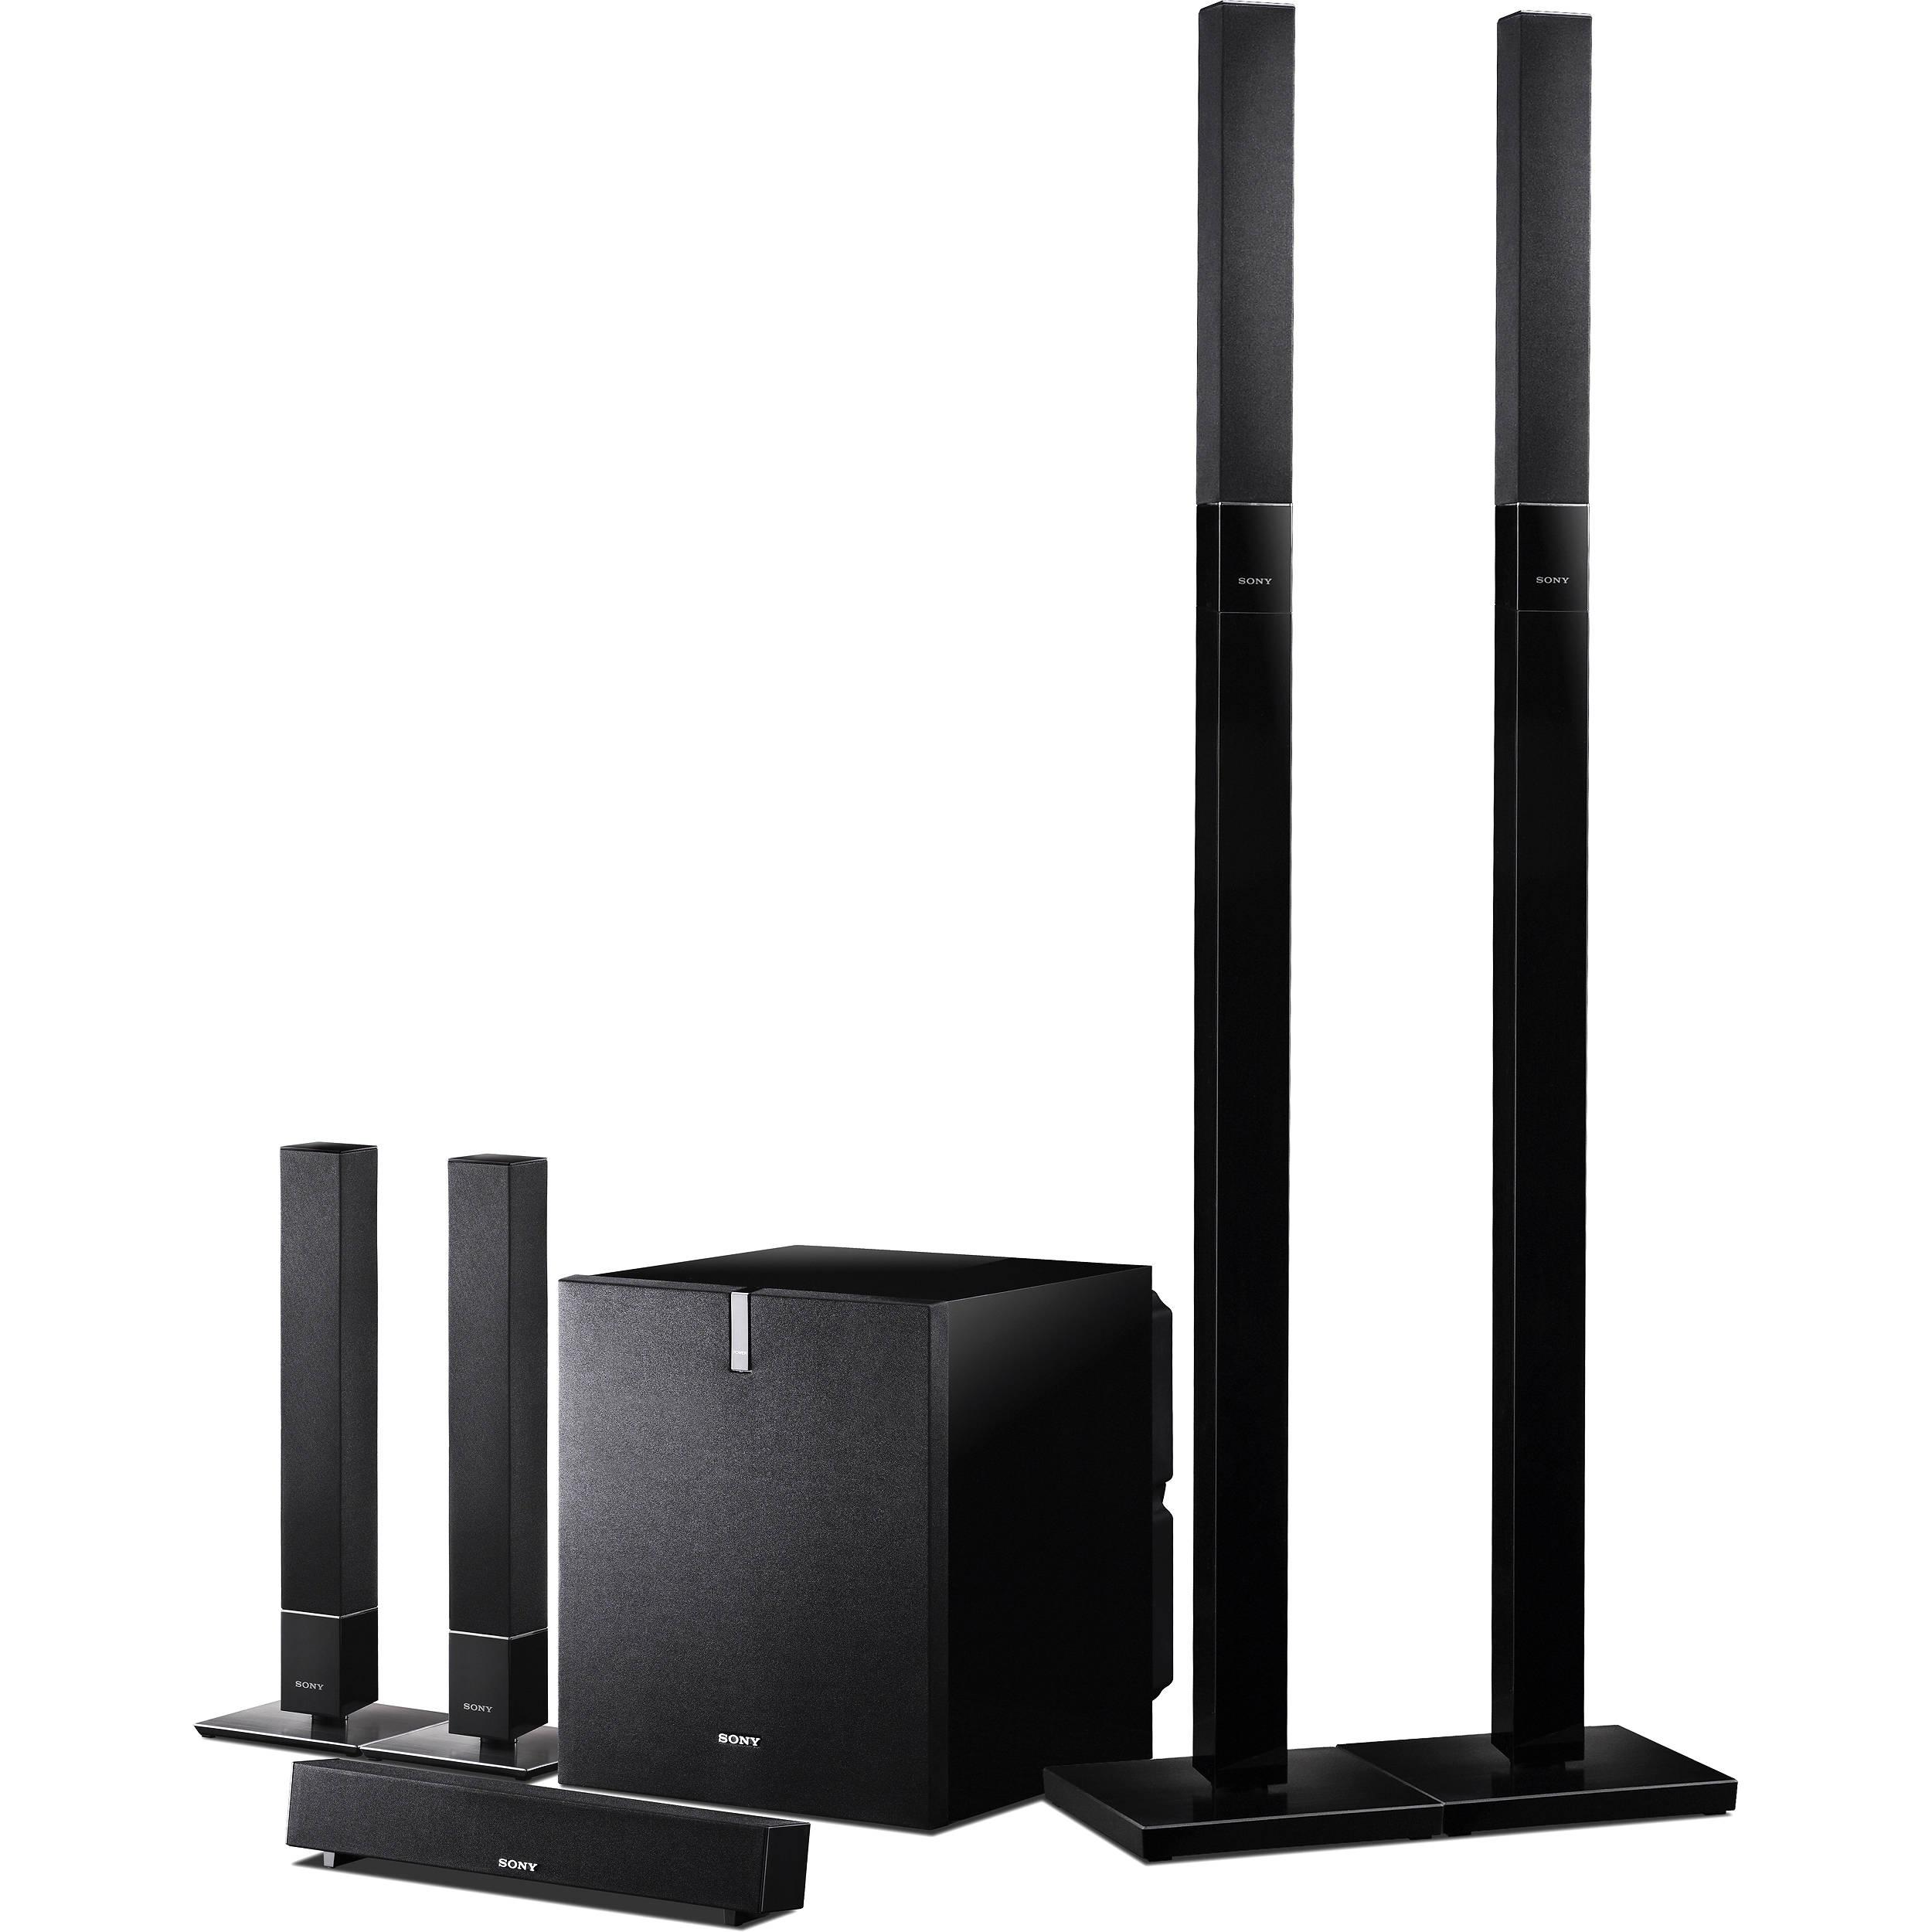 Sony SA-VS310 5.1-Channel Speaker System SAVS310 B&H Photo